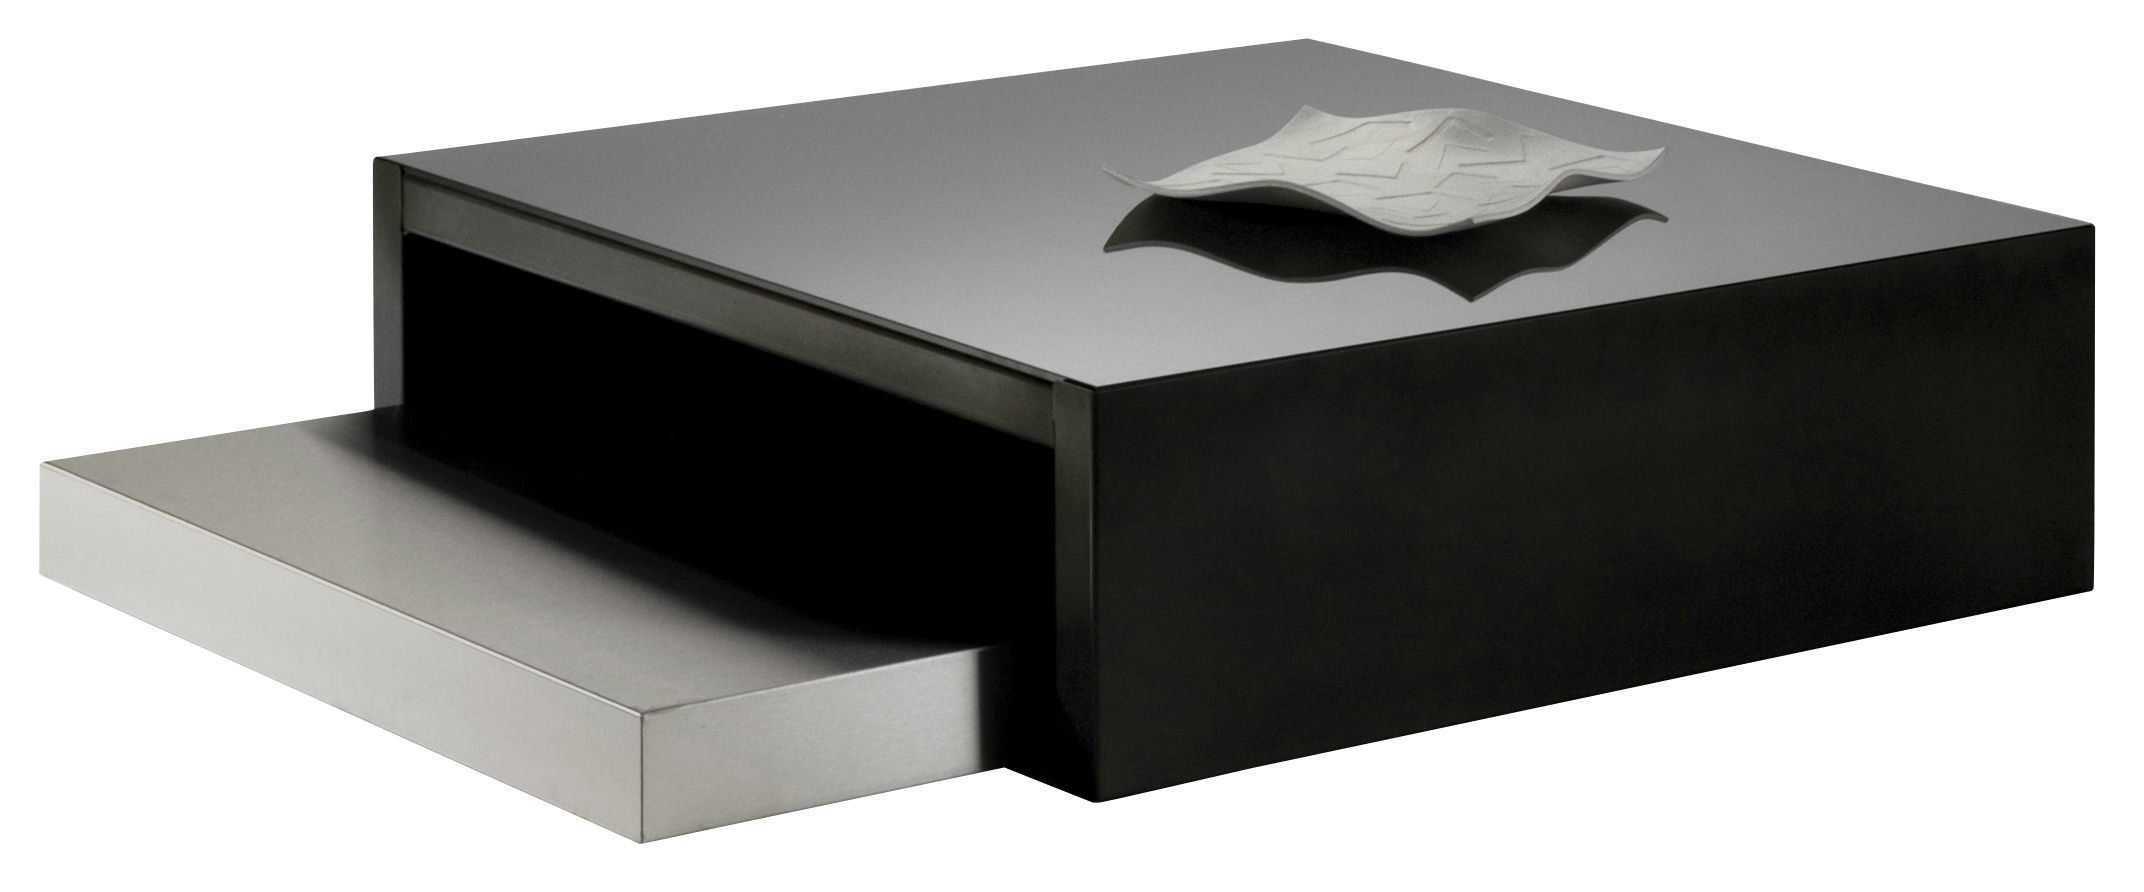 Arredamento - Tavolini  - Tavolini estraibili Max & Moritz - Vetro nero di Zeus - Acciaio fosfatato e vetro nero - inox - 100 x 100 cm - Acciaio satinato, Vetro